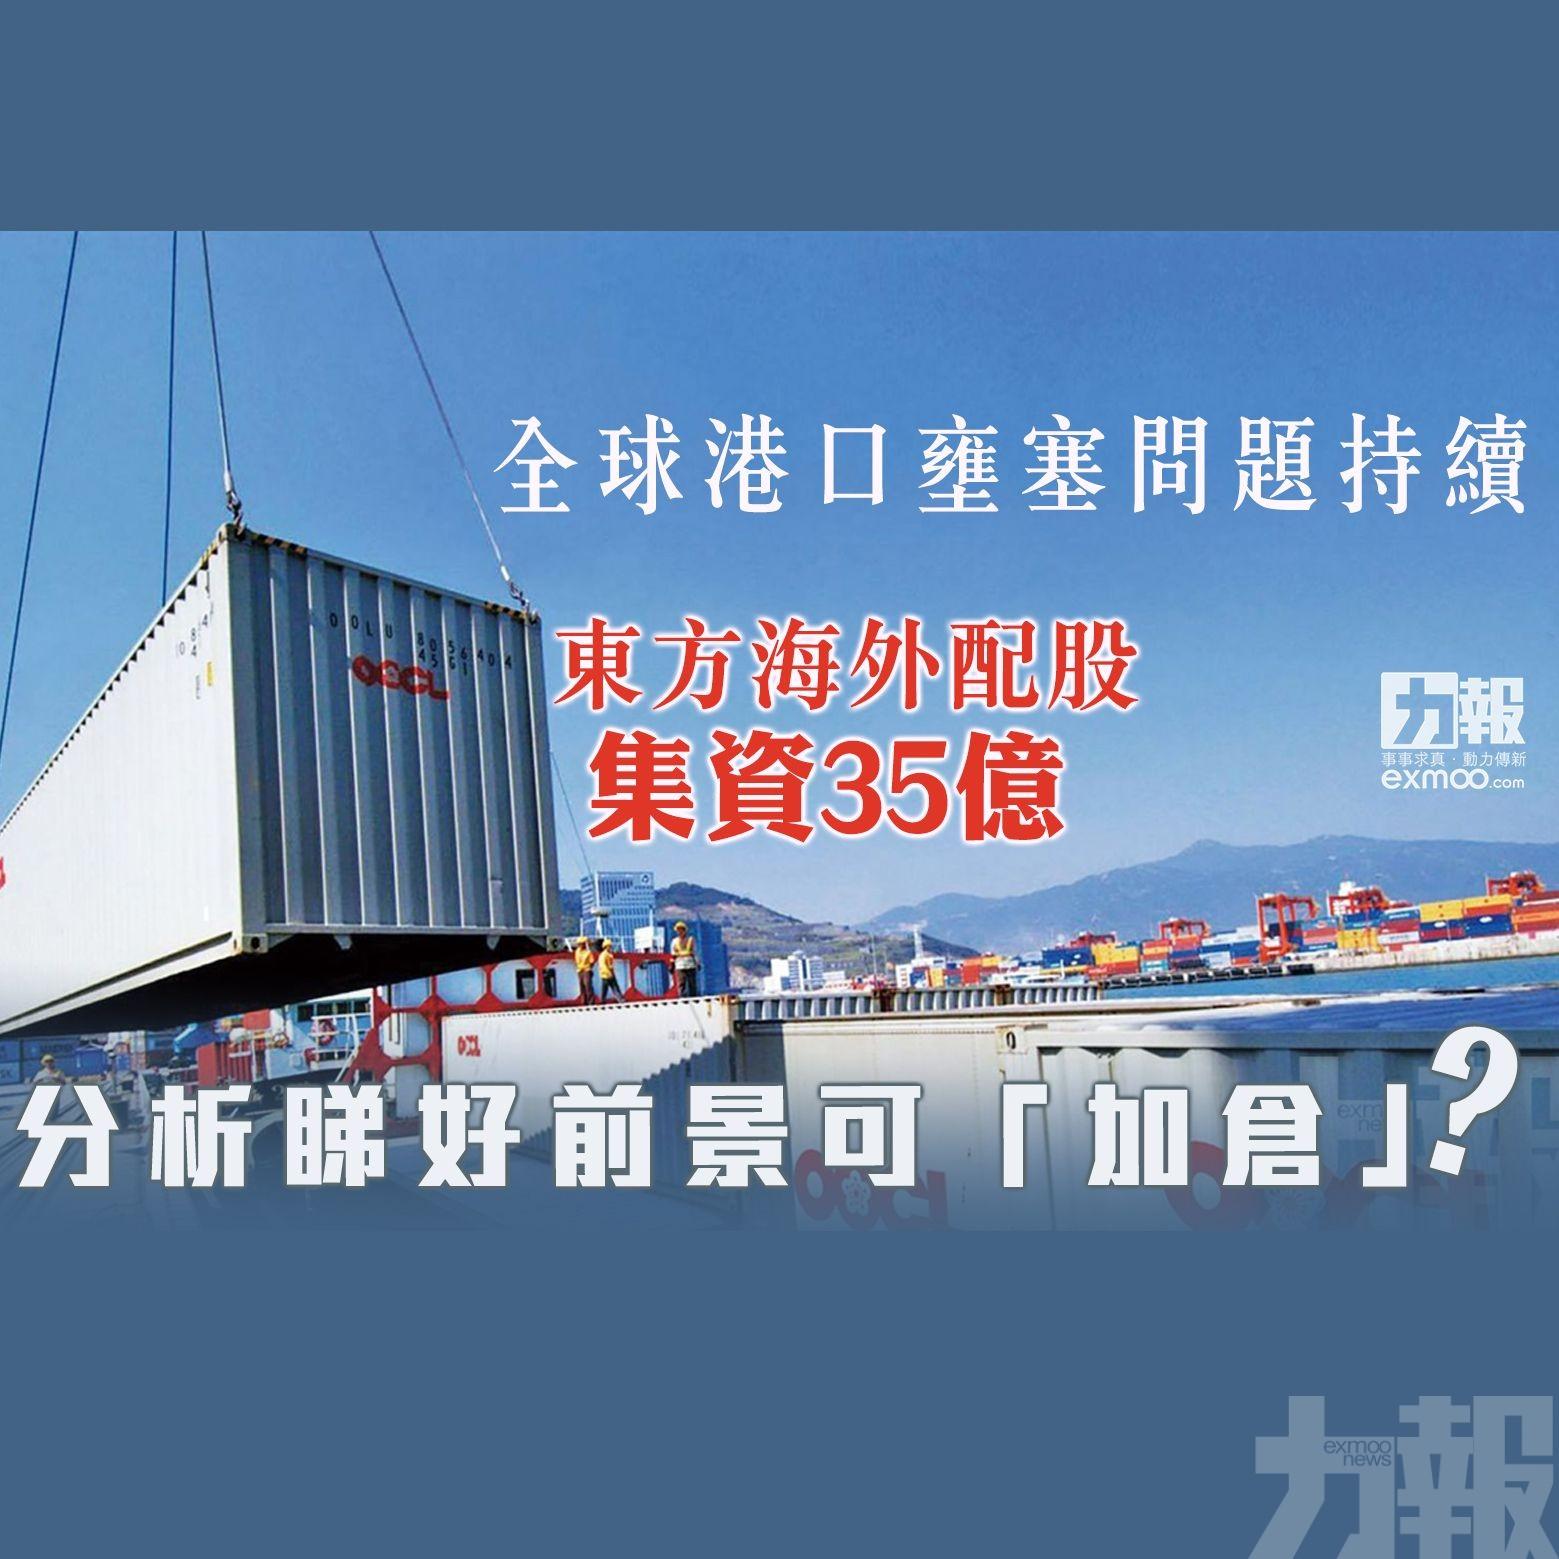 東方海外配股集資35億  分析睇好前景可「加倉」?